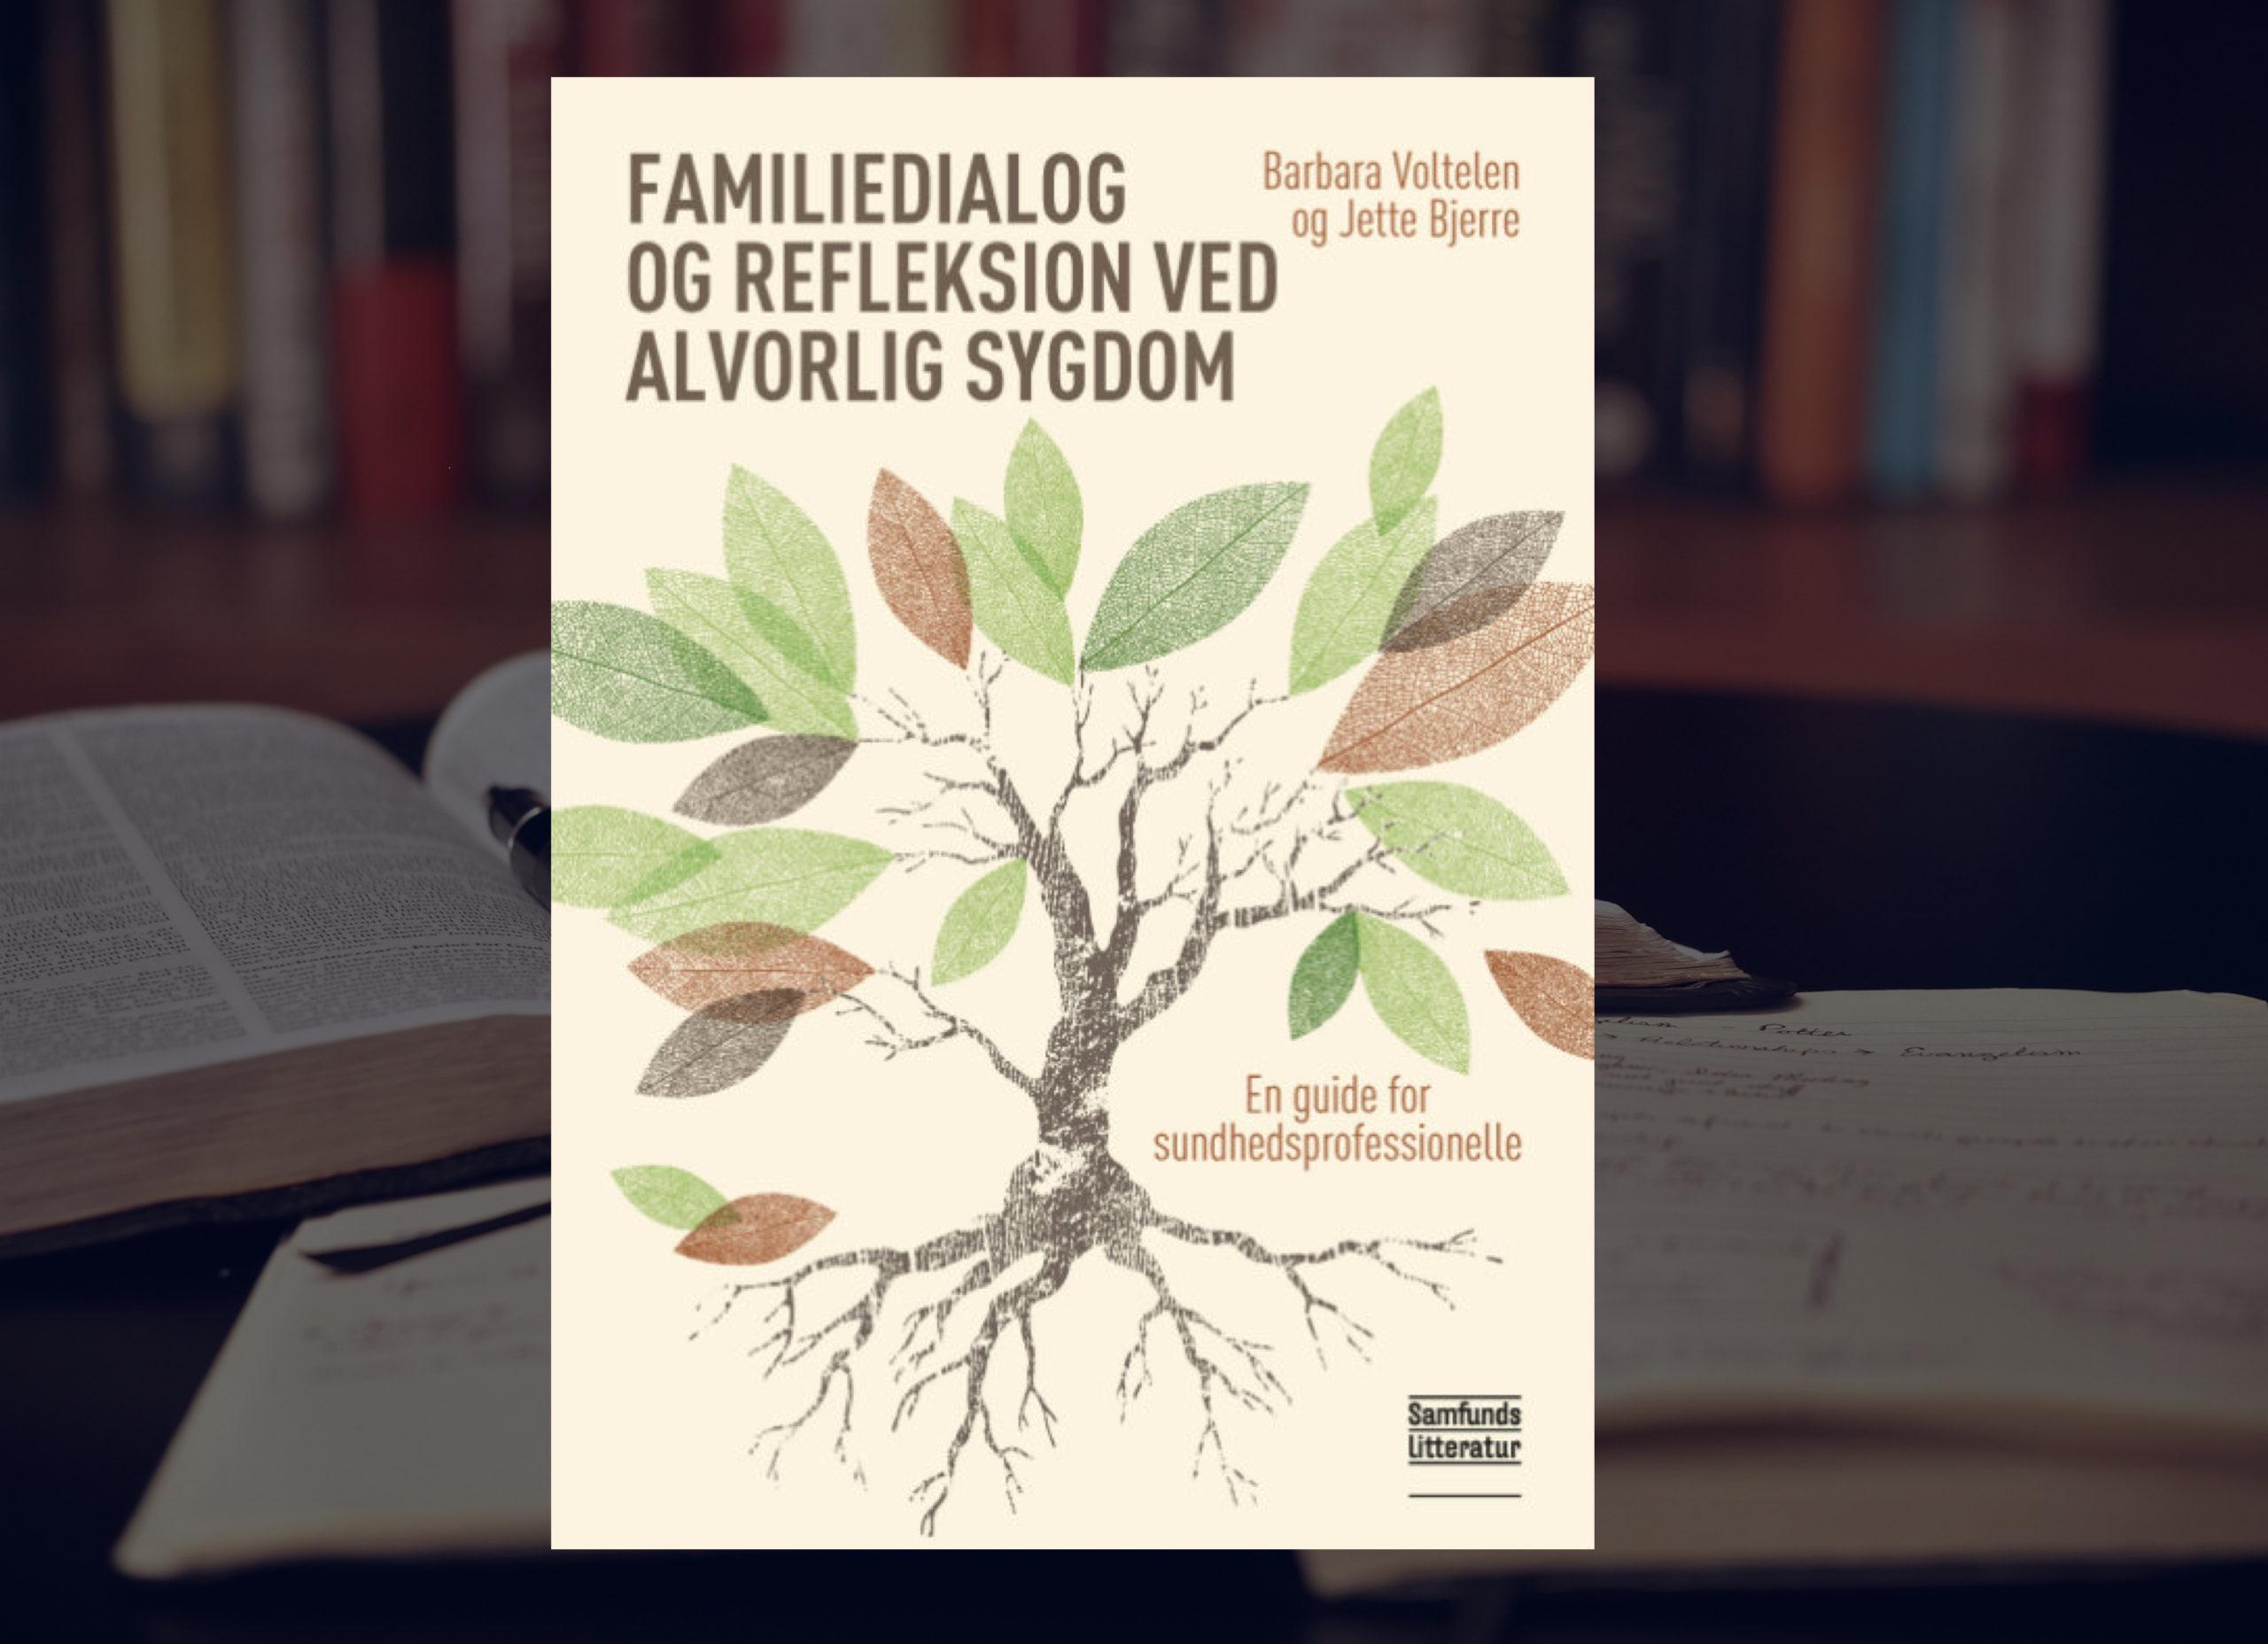 Familiedialog og refleksion ved alvorlig sygdom